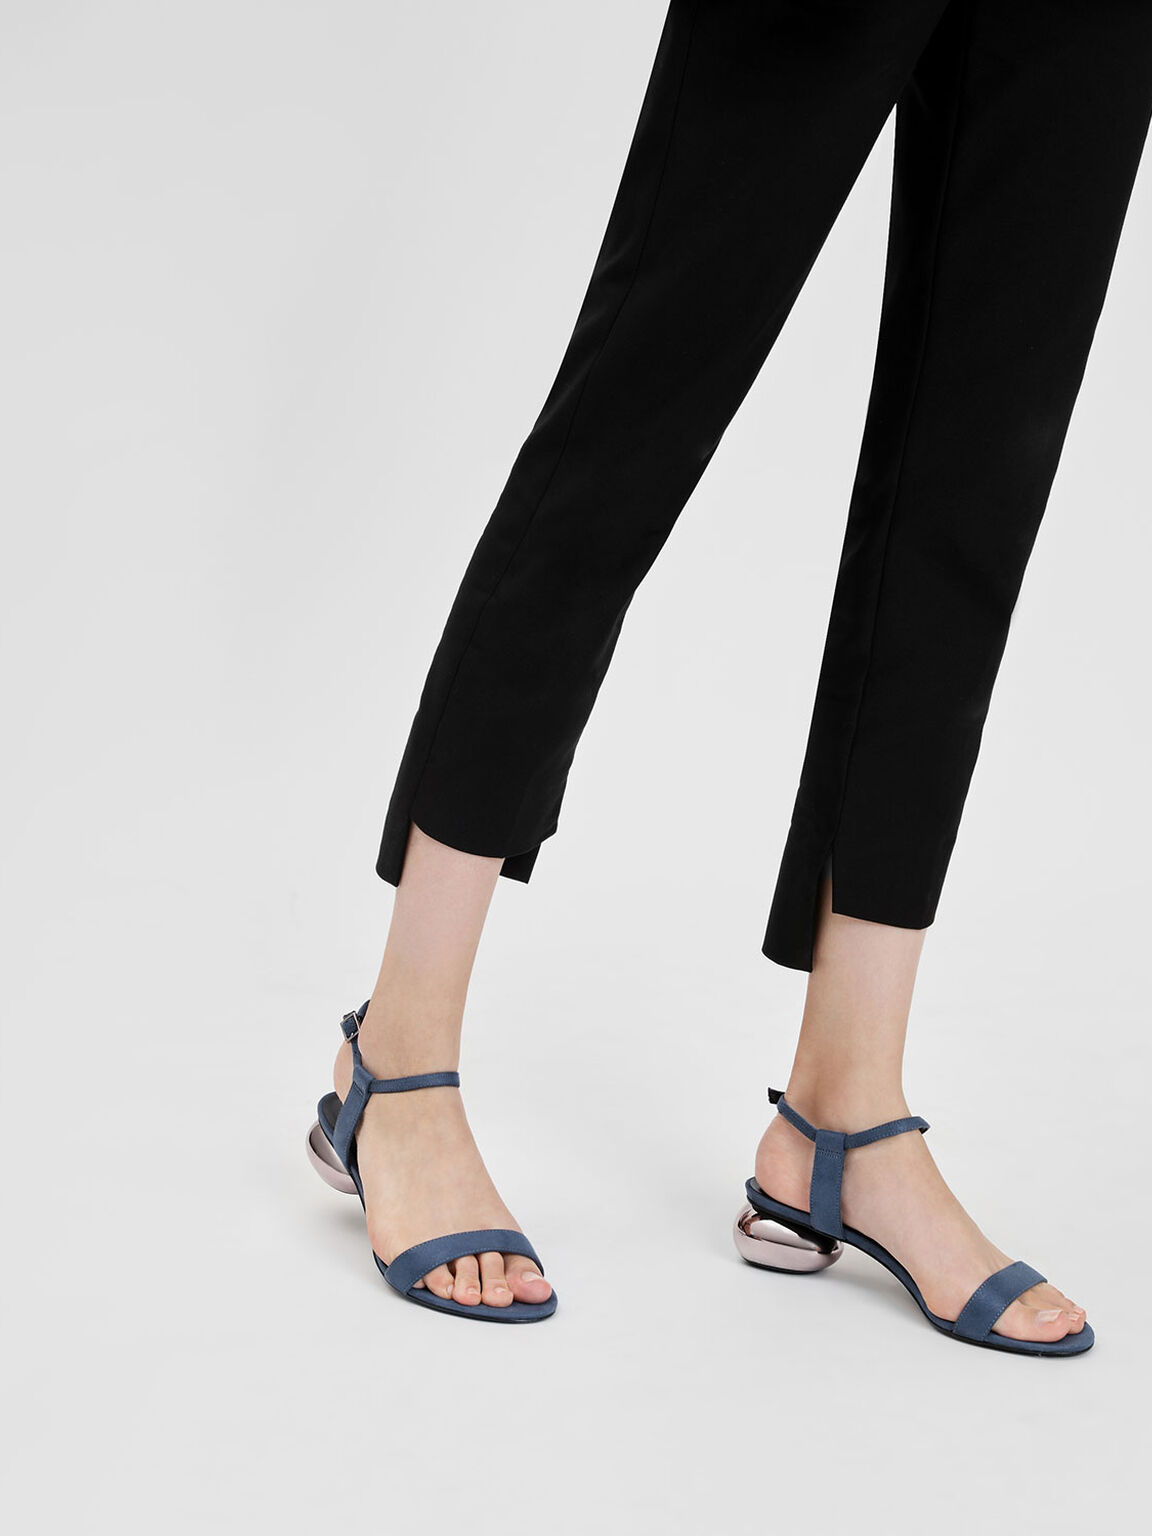 Pebble Heel Sandals, Blue, hi-res